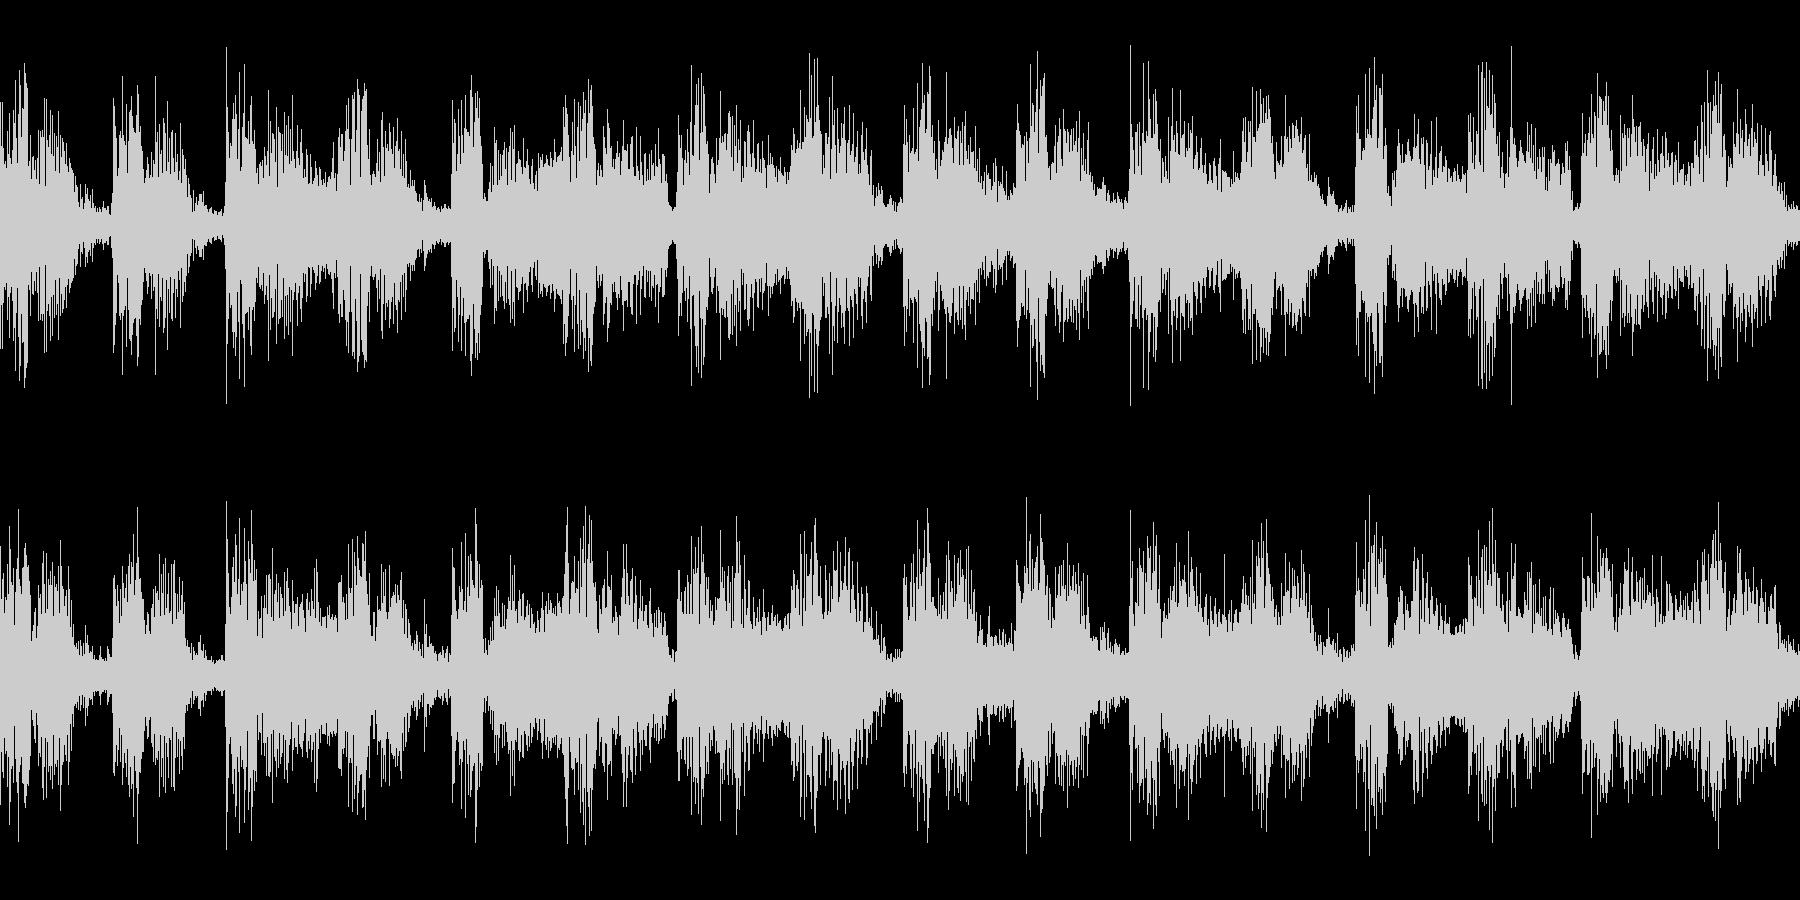 EDM,パーティ、イベント、ループ1の未再生の波形